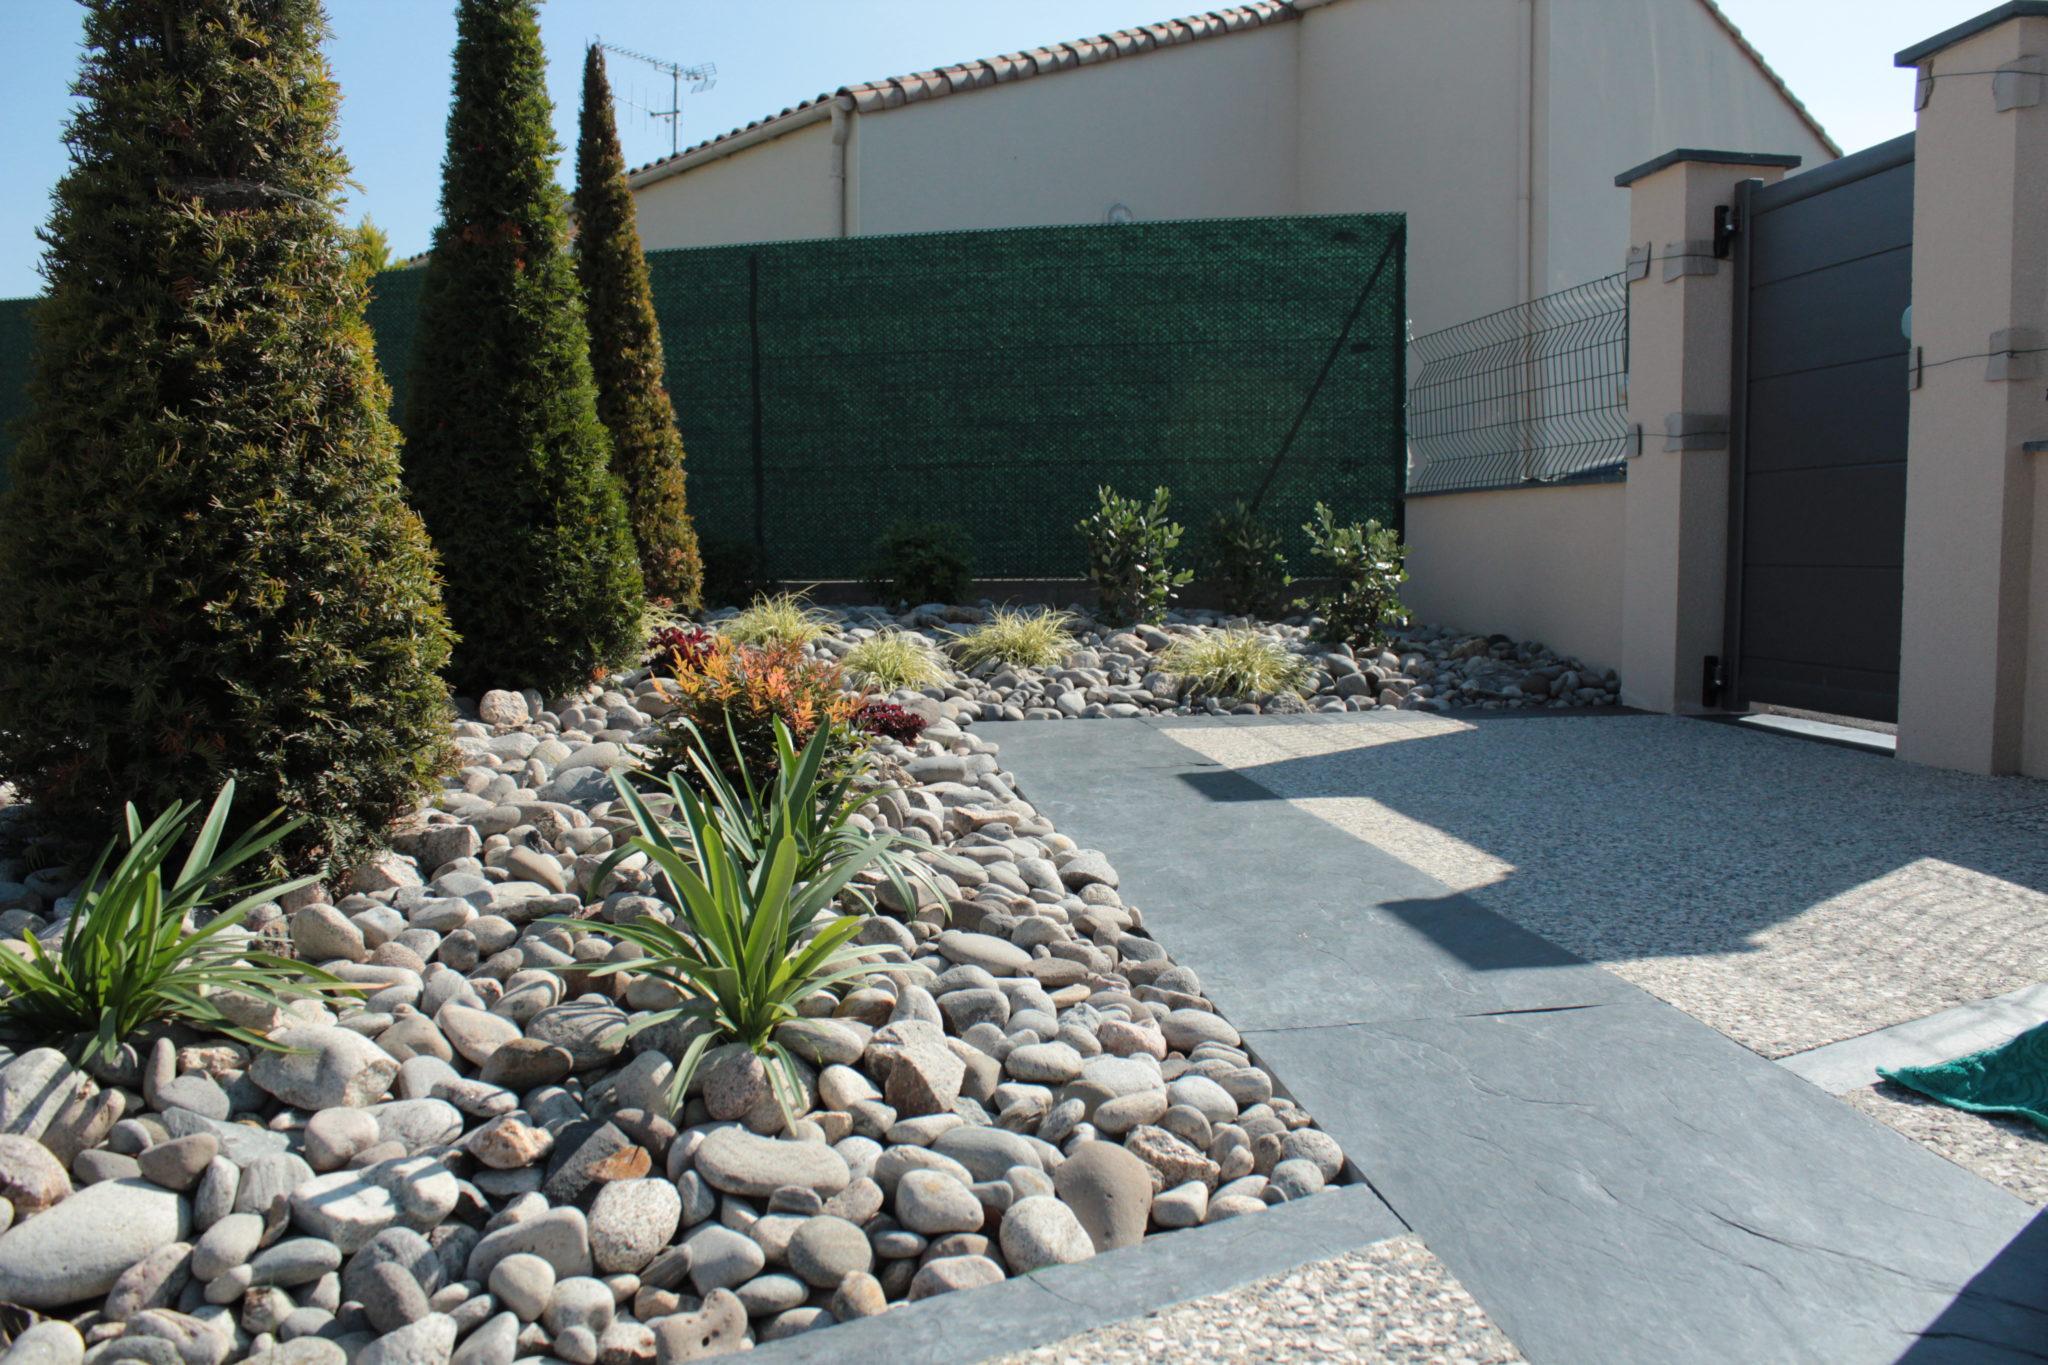 Palis d 39 ardoise marmin paysage for Entretien jardin vendee